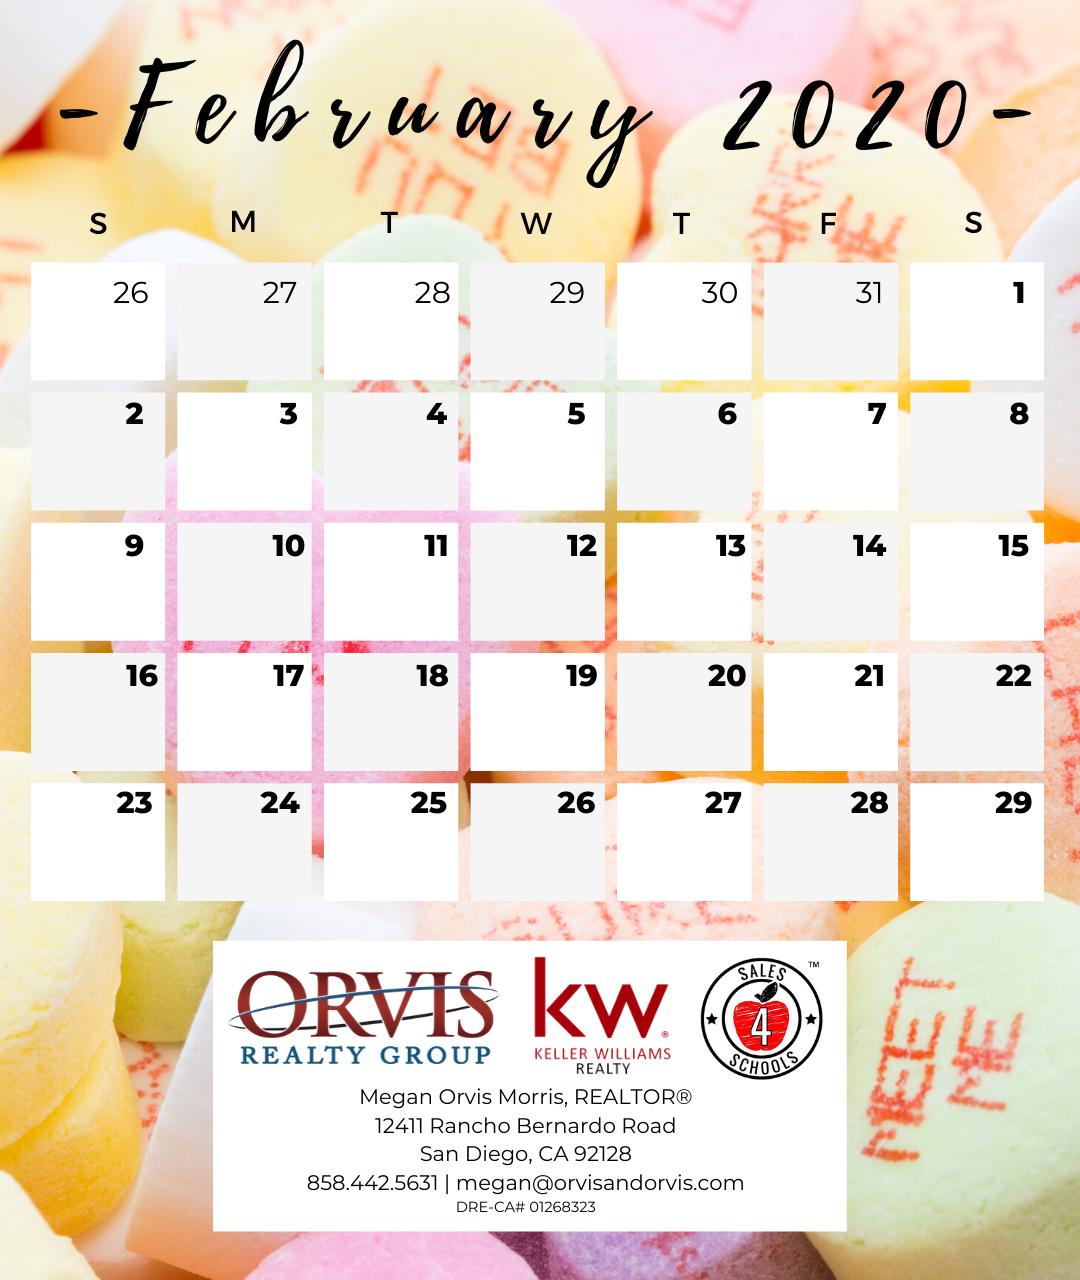 Local Event Calendar - February 2020